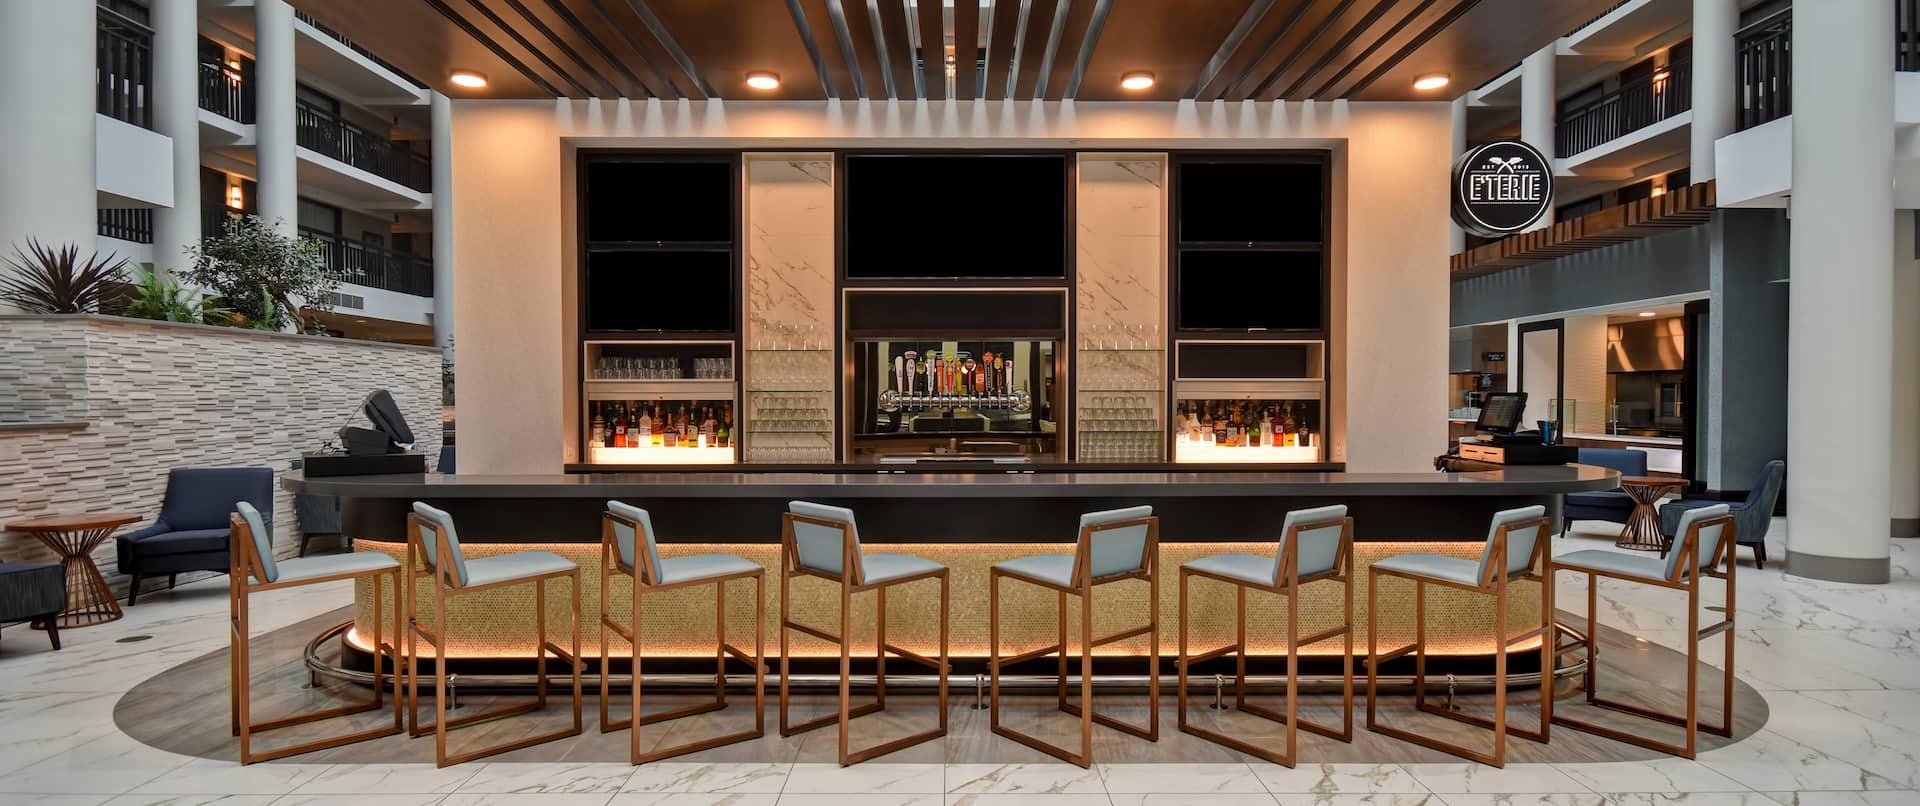 atrium eterie bar